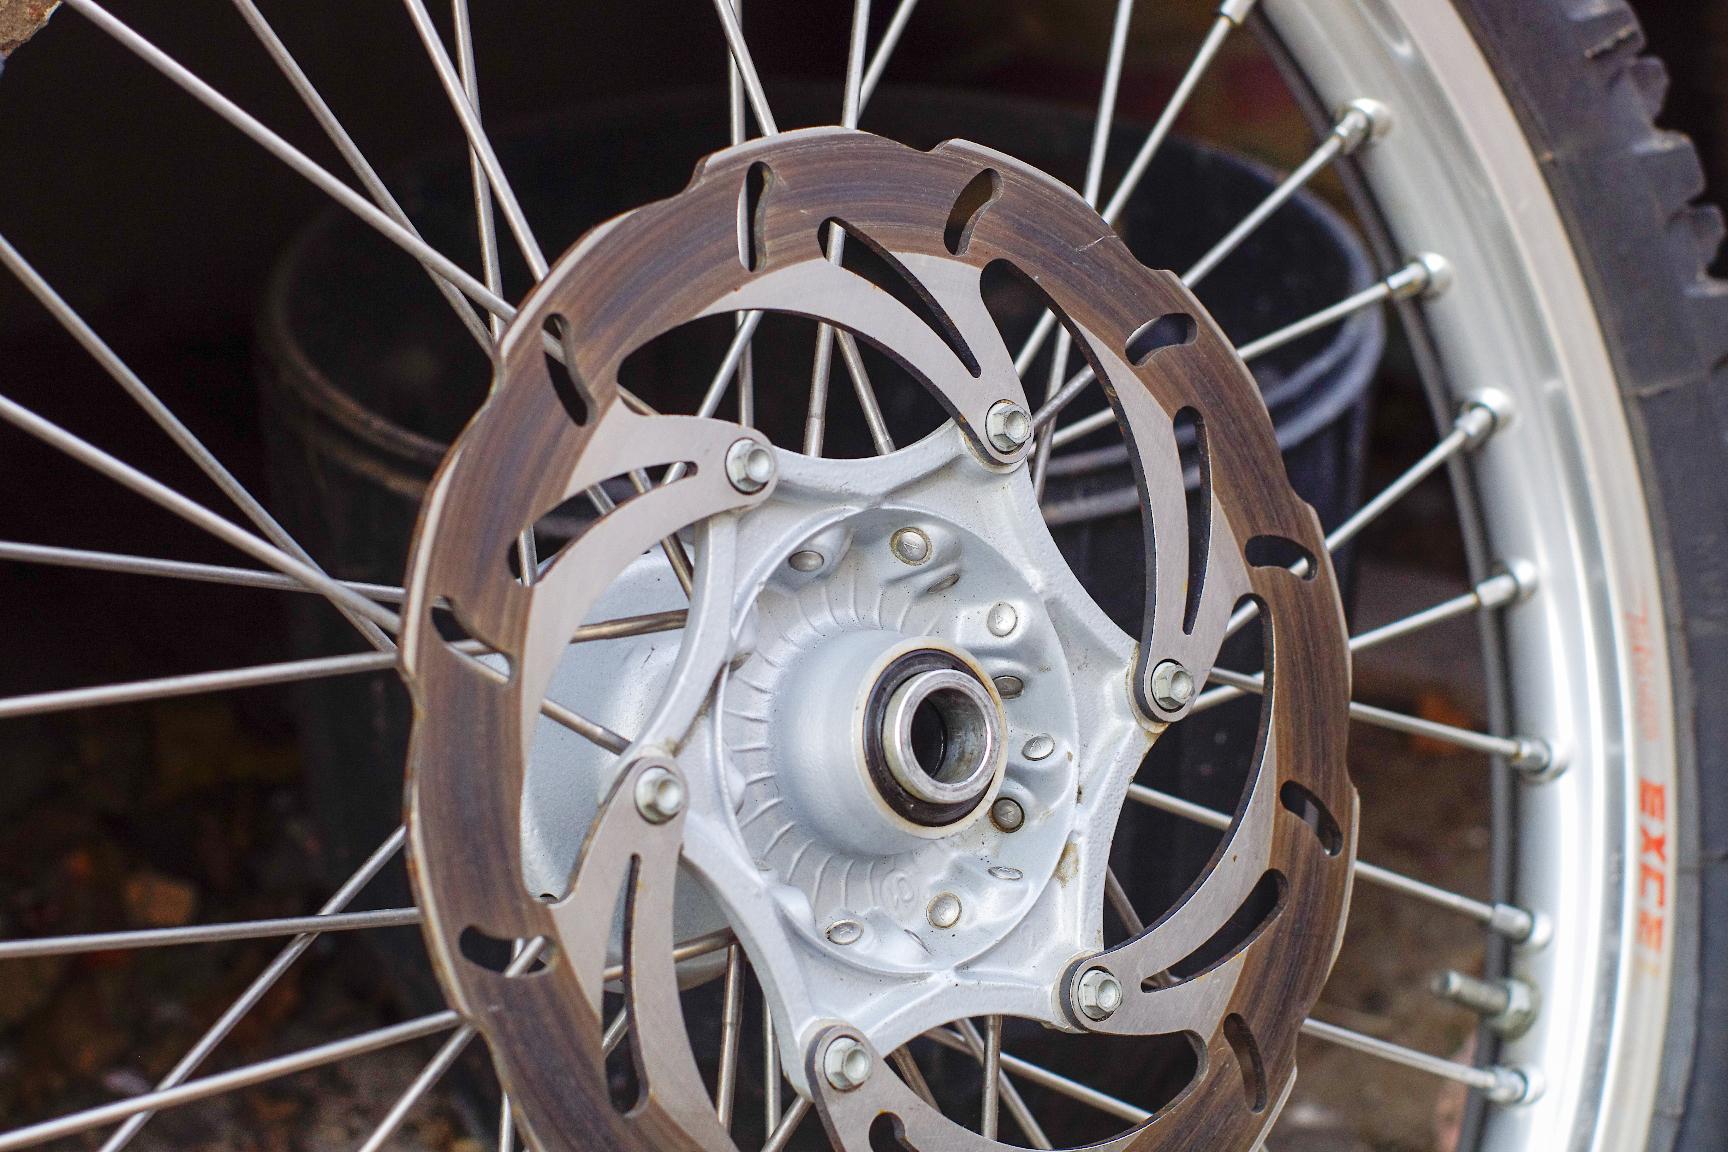 Jantes + freinage Husaberg 2001. 211596jpeg6030